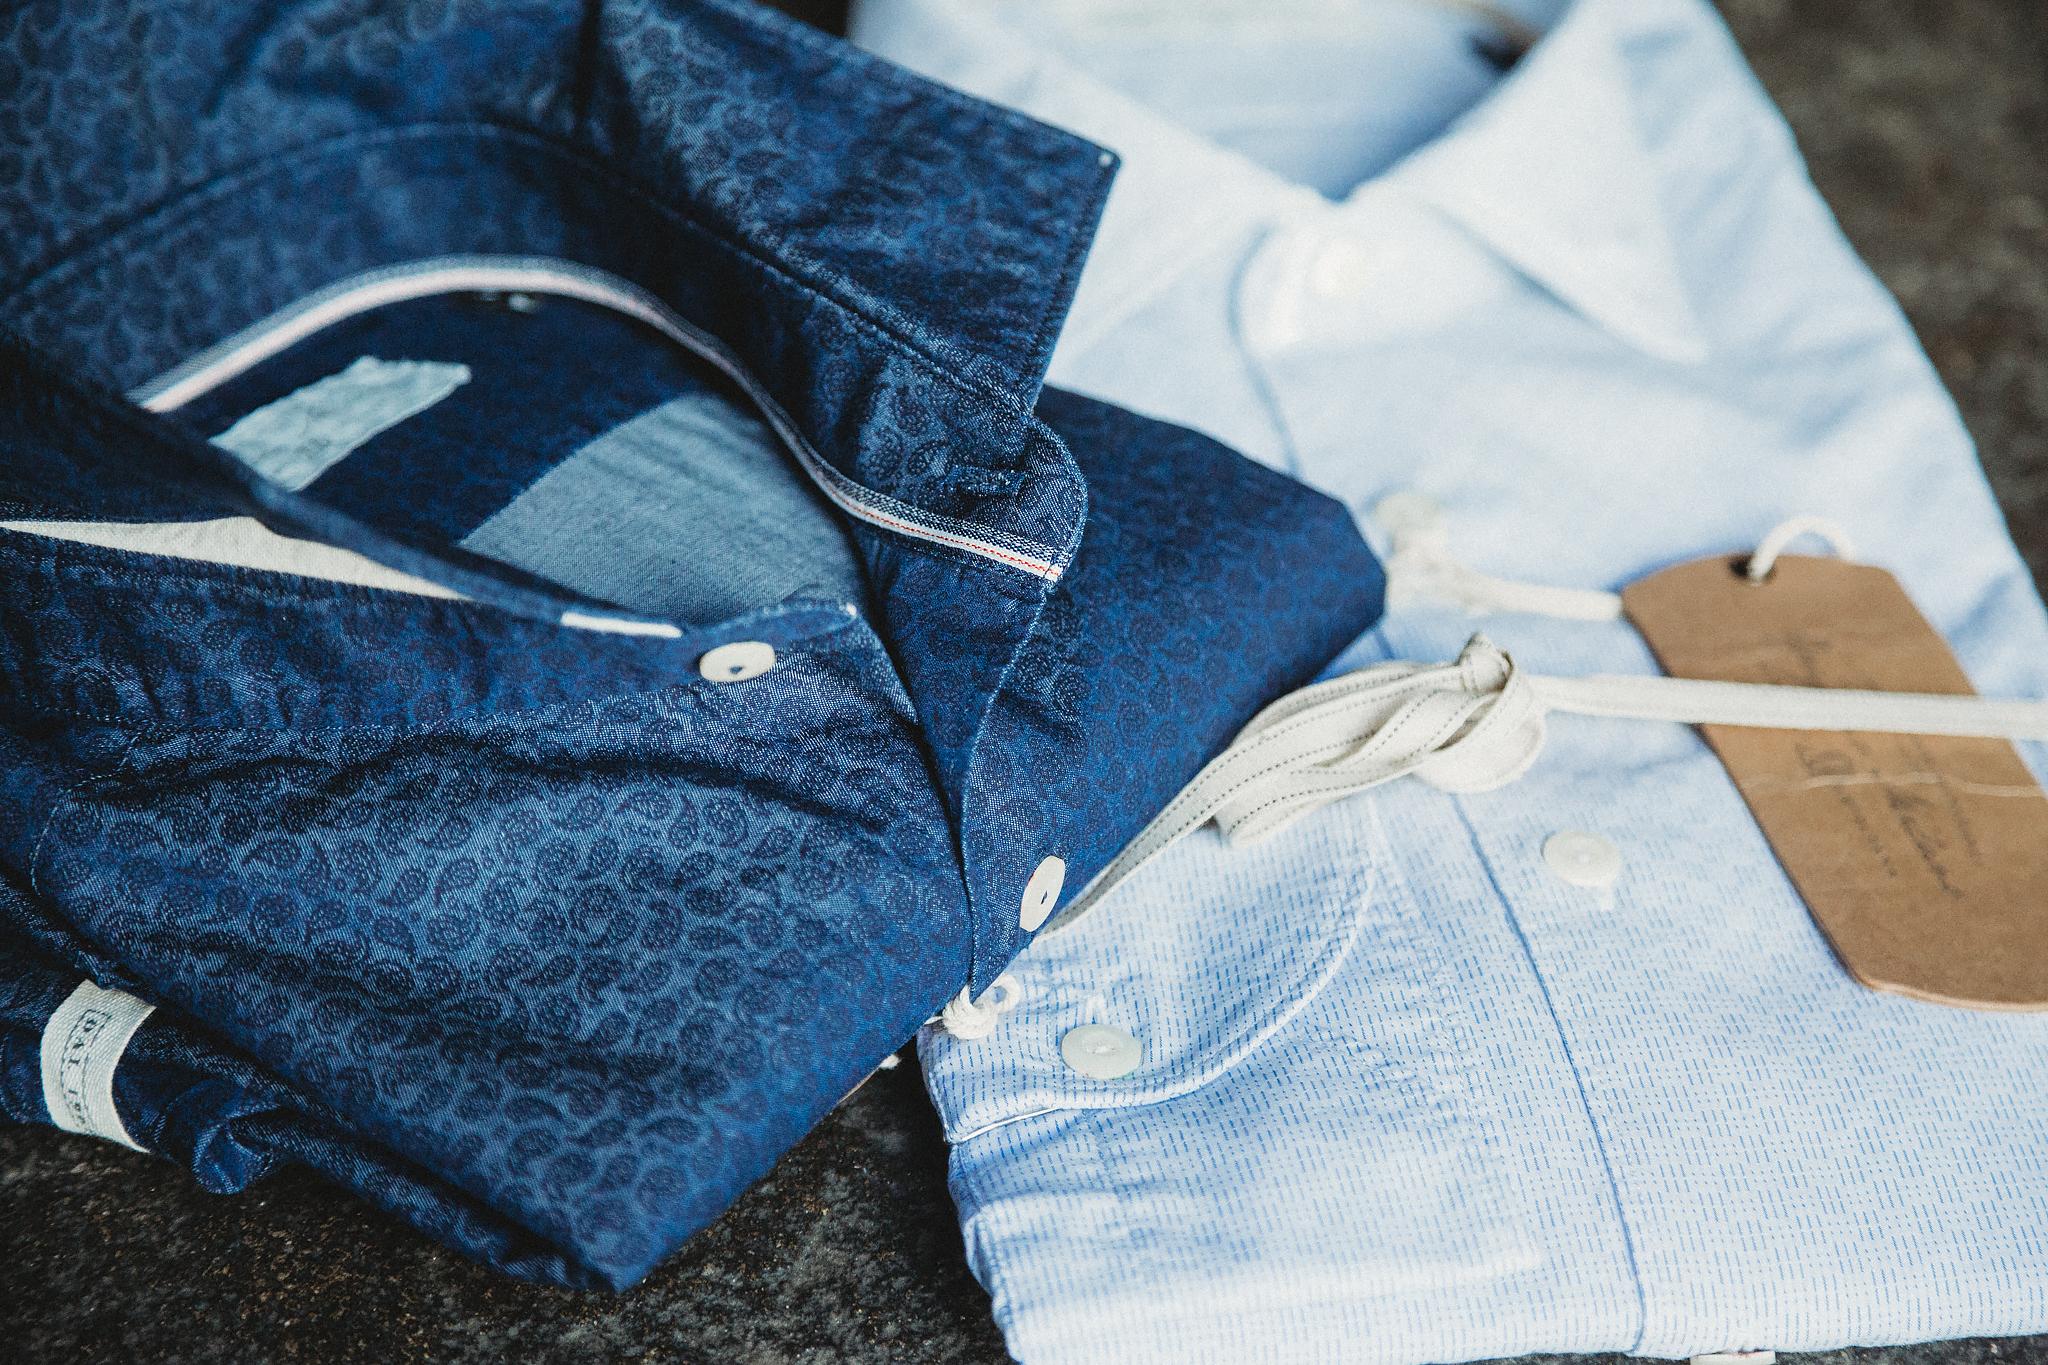 camicia-tintoria-mattei-moda-negozio-prato